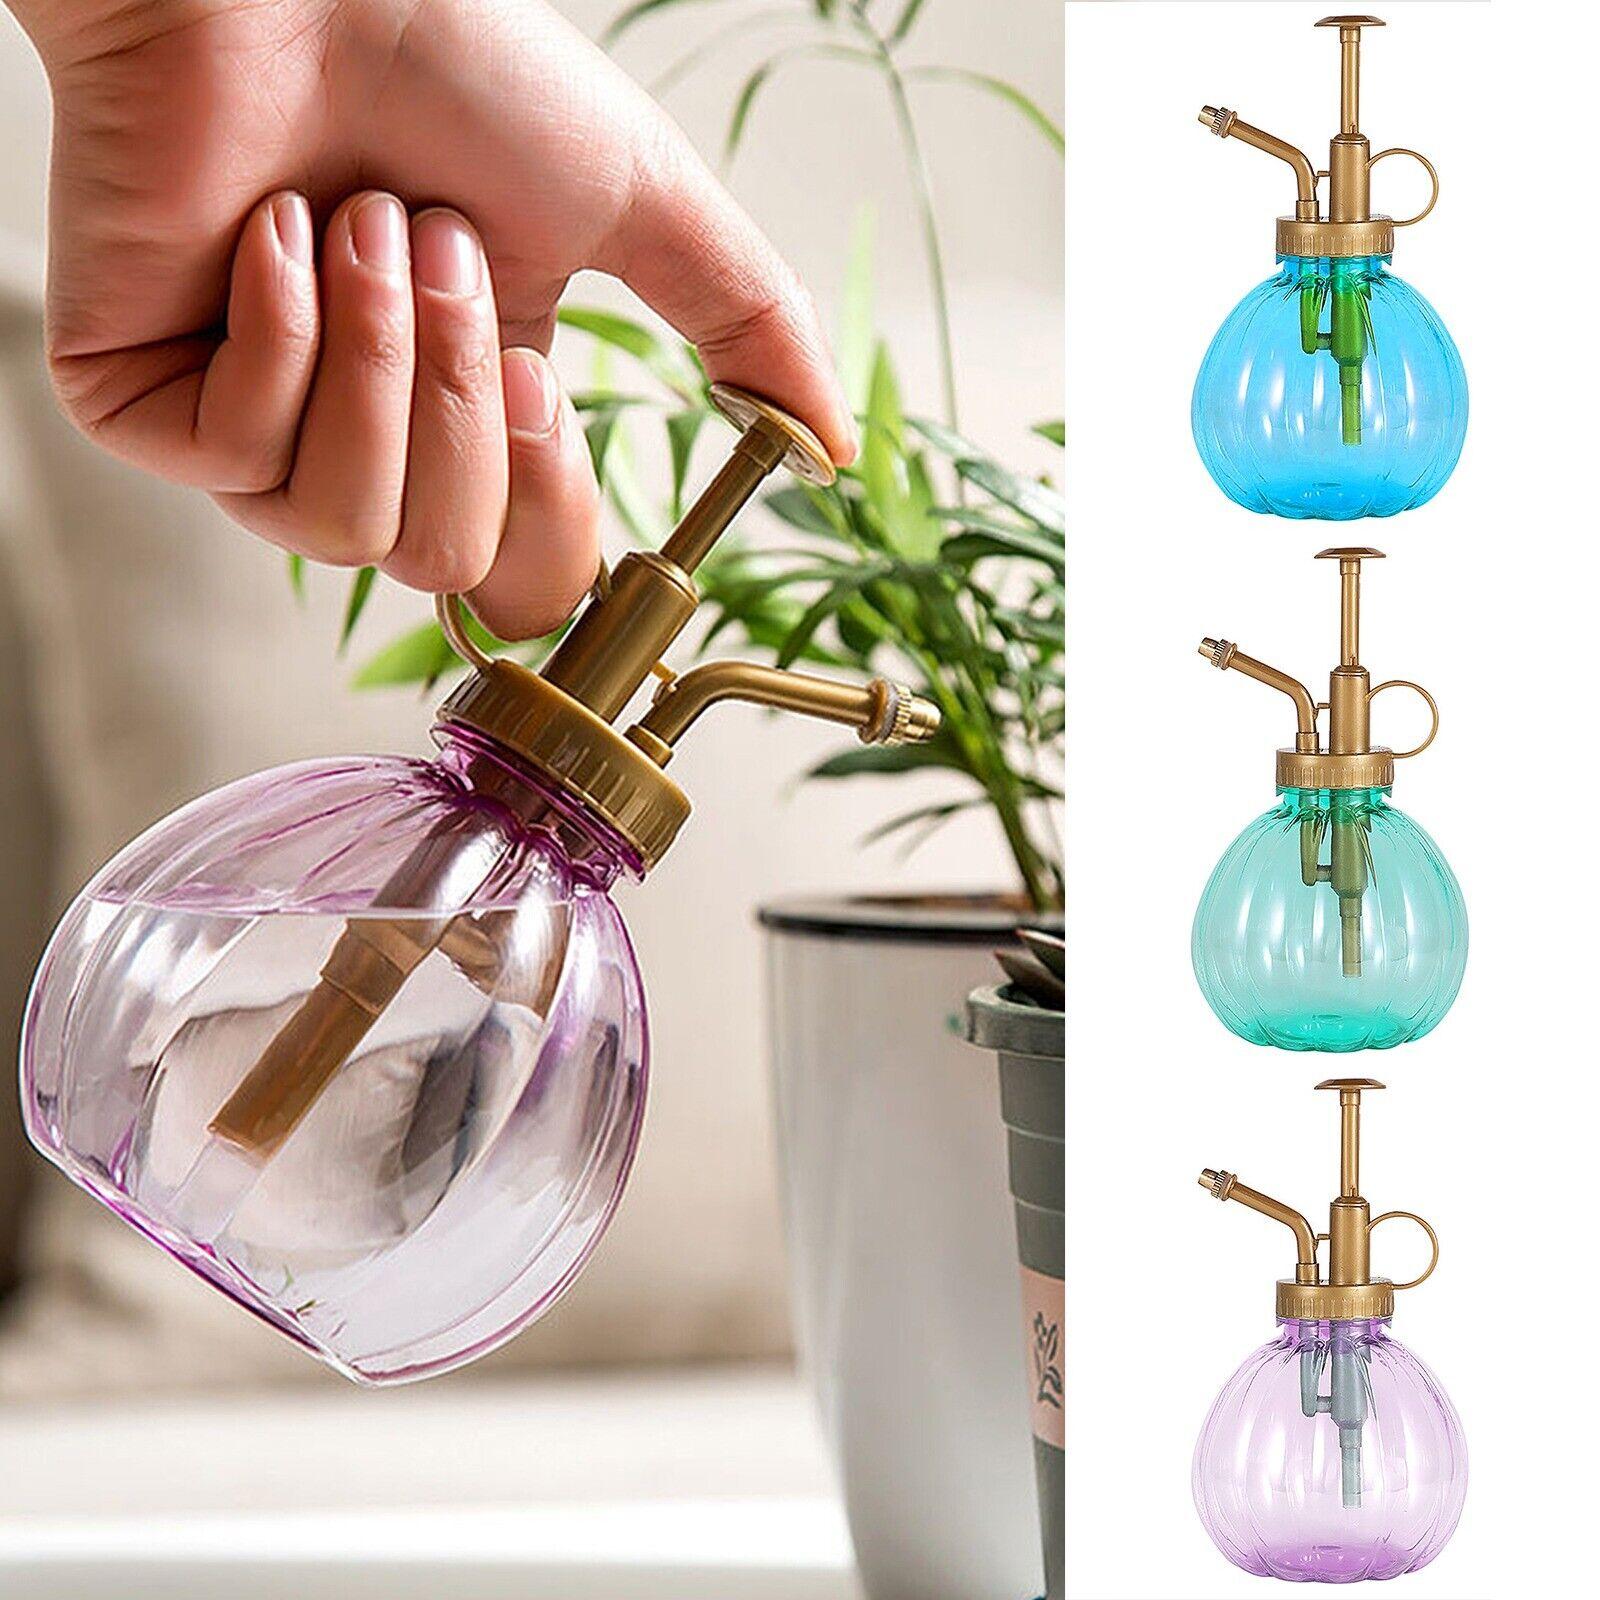 Home Glass Watering Pot Spray Bottles Plant Flower Garden-Mister Sprayer Bottle/